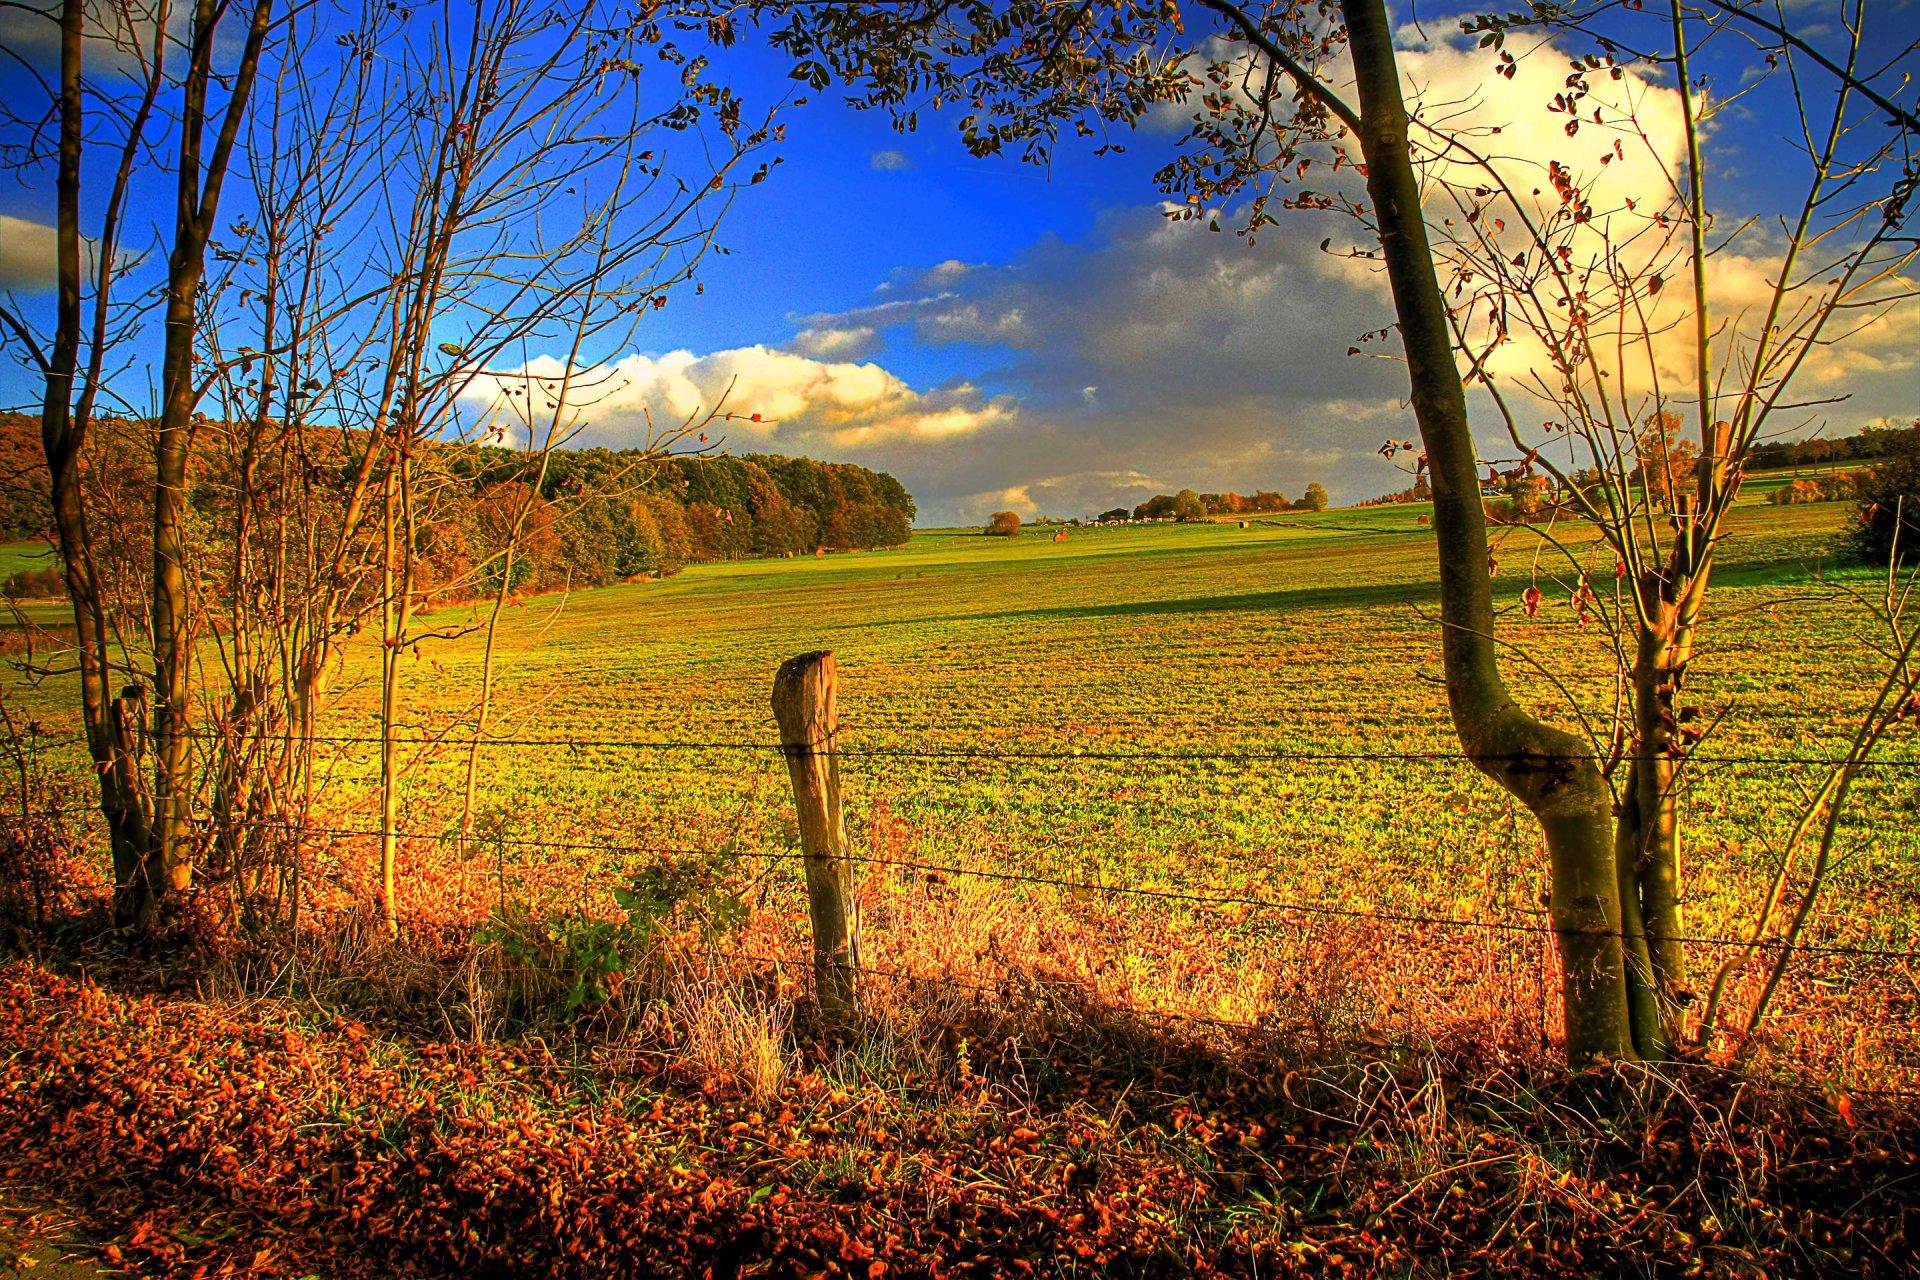 дорога сверхширокой фото полей в сентябре для фотографий вот марина